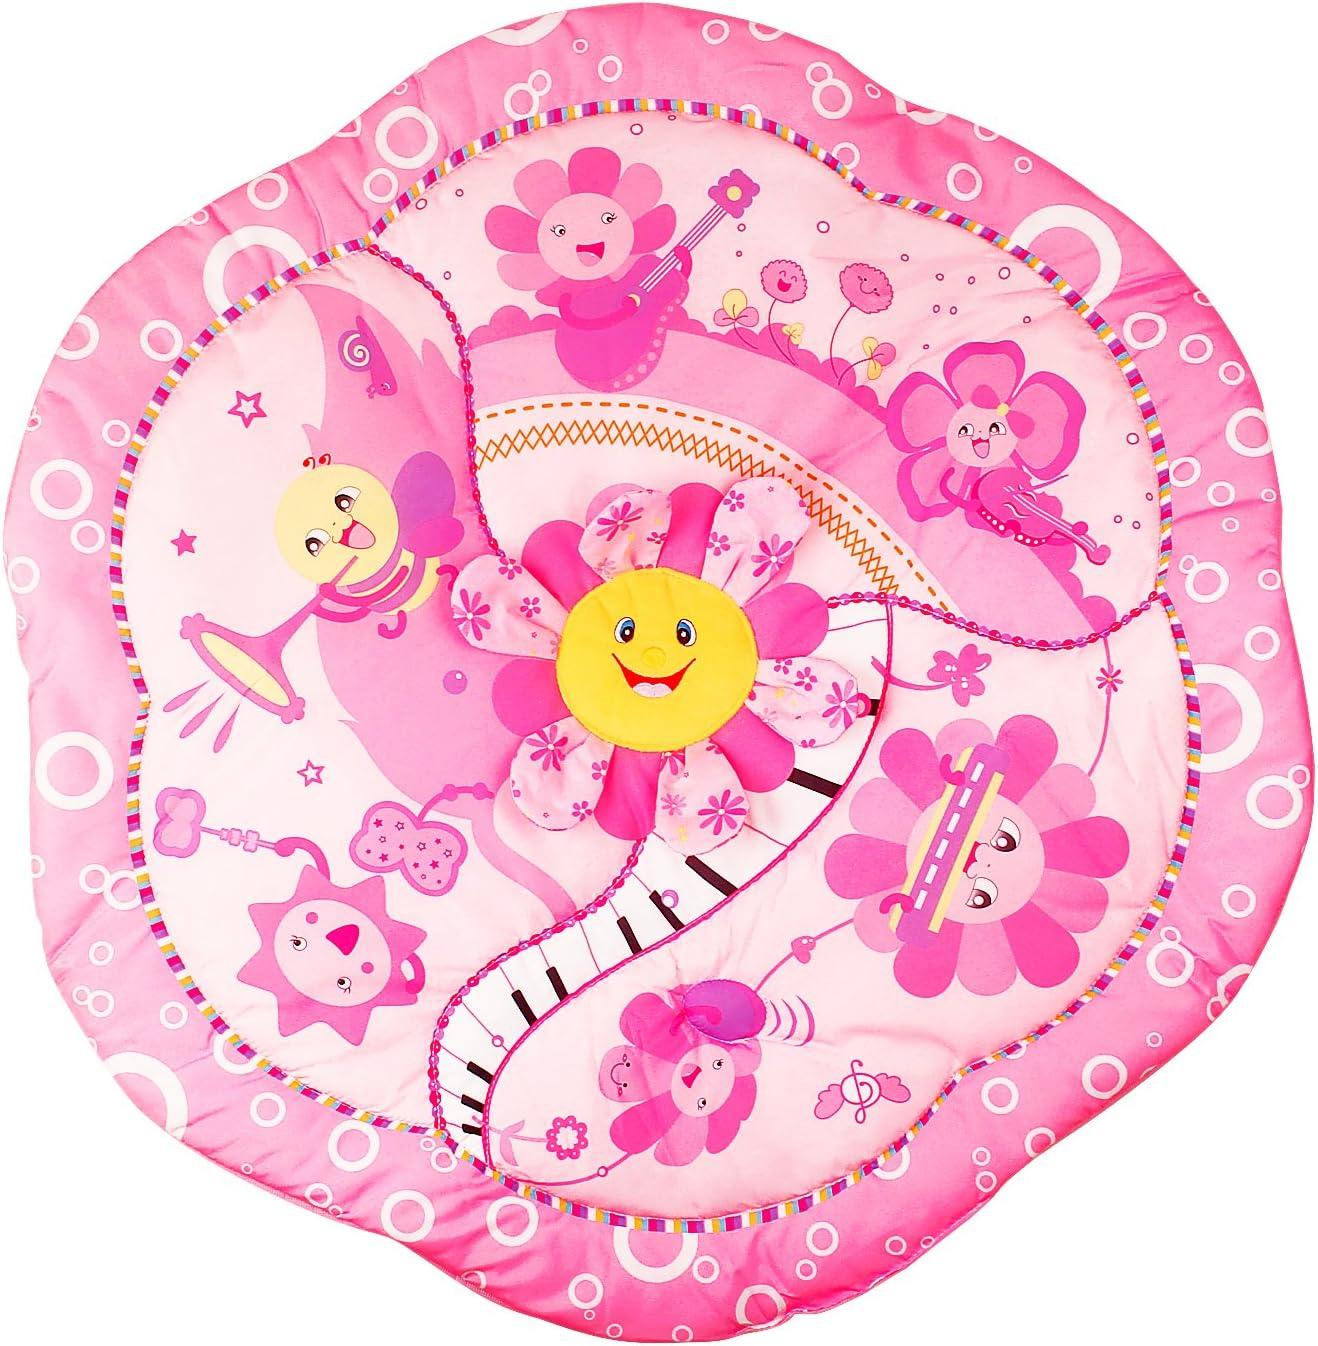 YAOBLUESEA Krabbeldecke mit Spielbogen Spieldecke Erlebnisdecke mit Musik f/ür Baby Rosa Blumen Welt